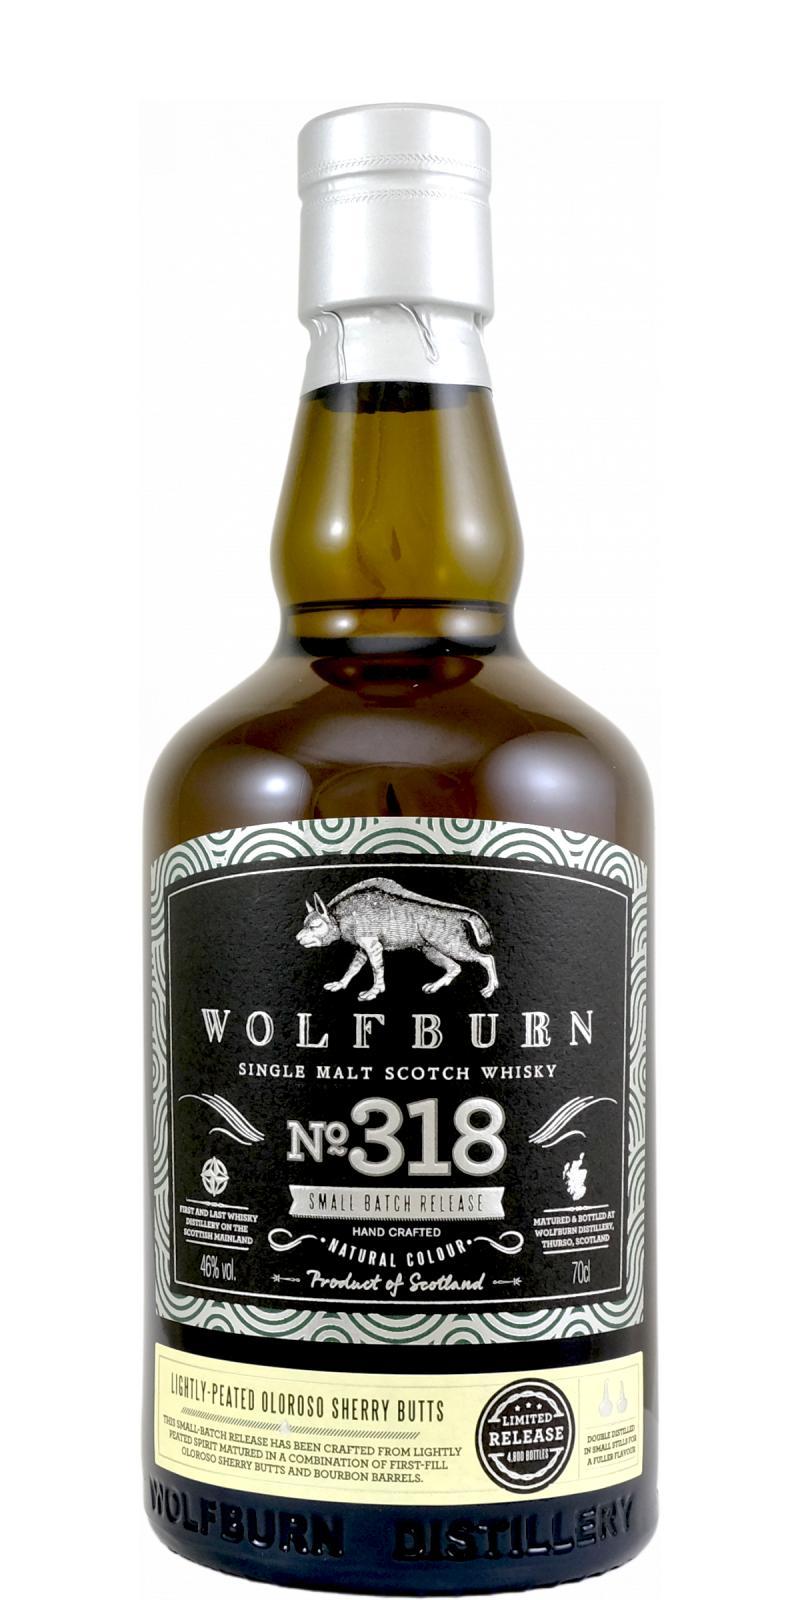 Wolfburn No. 318